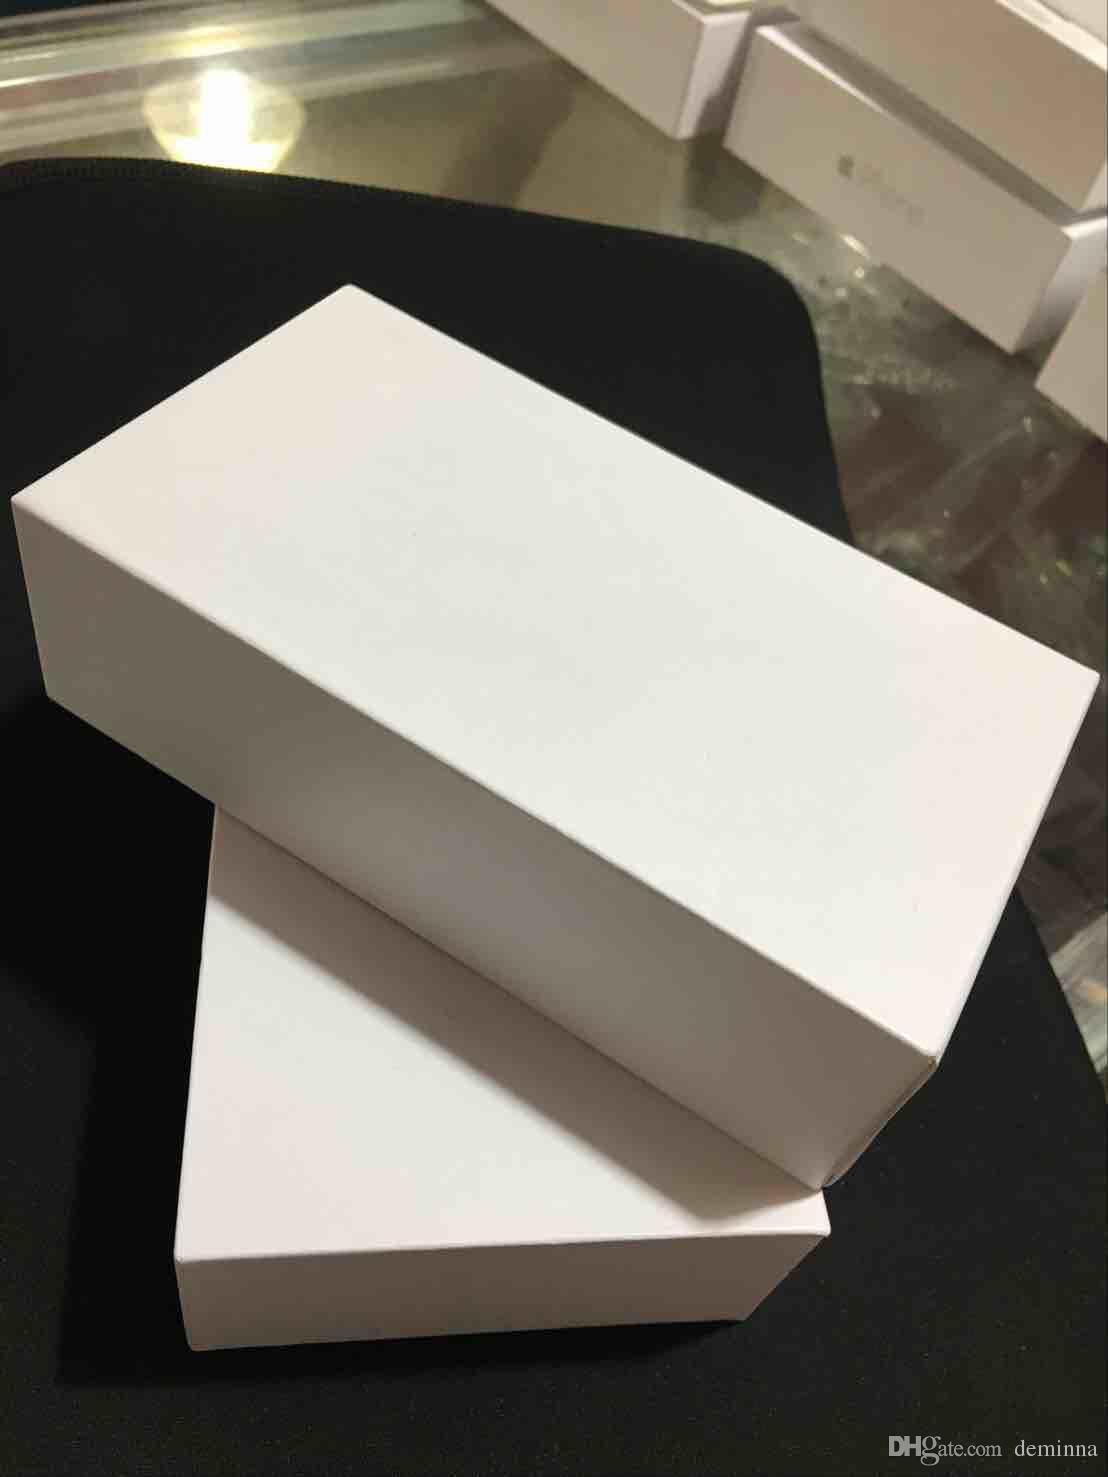 2017 New Vide Boîtes de vente au détail Boîte de téléphone portable pour iPhone 5 5s SE 5c 6 6s 7 plus